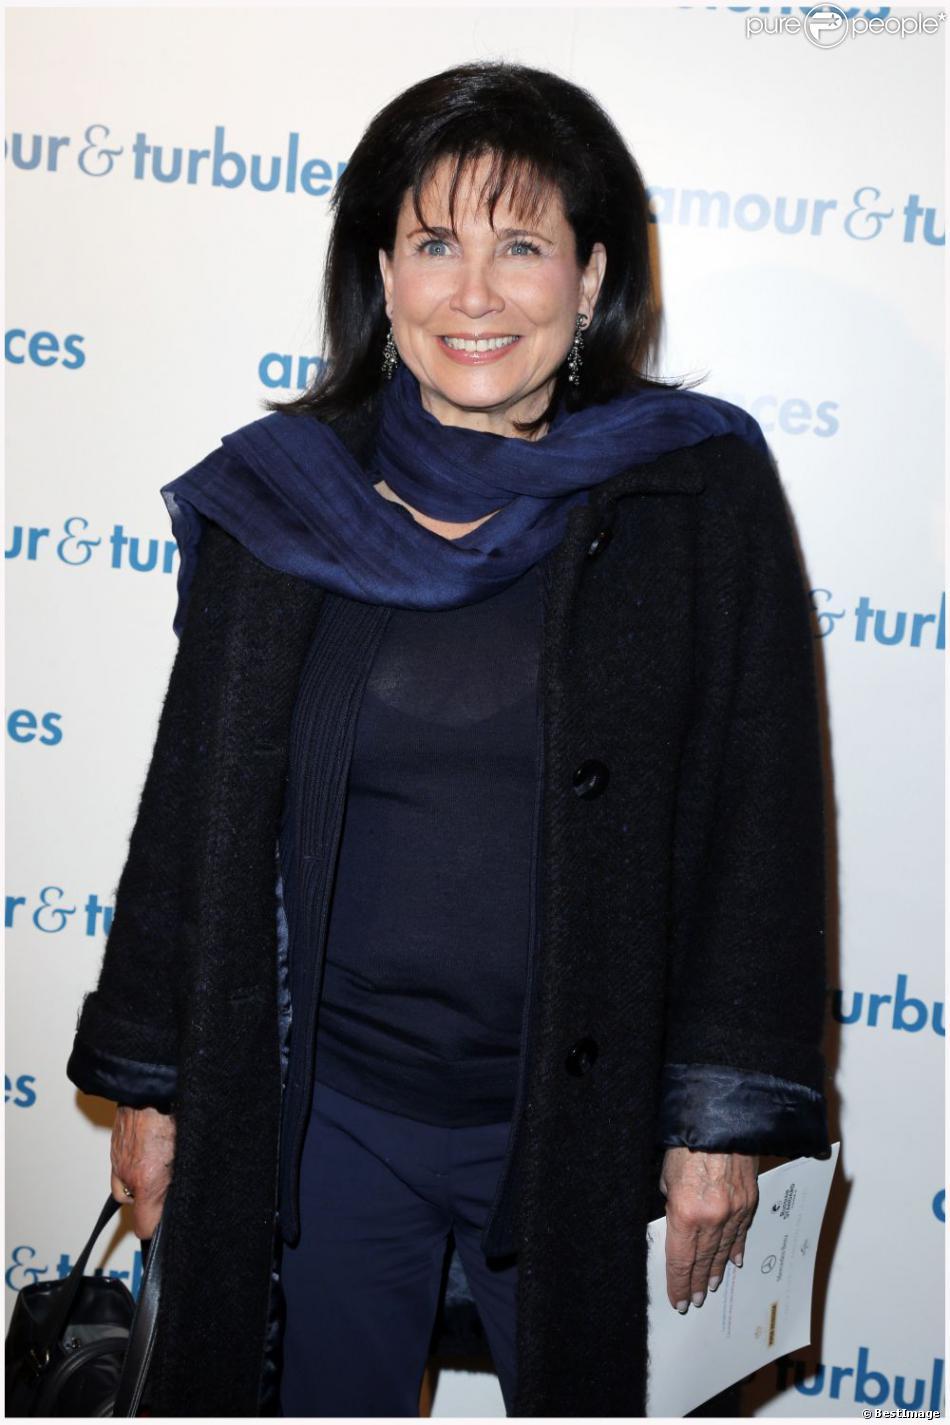 Anne Sinclair tout sourire à la première du film Amour & Turbulences au Publicis, Paris, le 18 mars 2013.